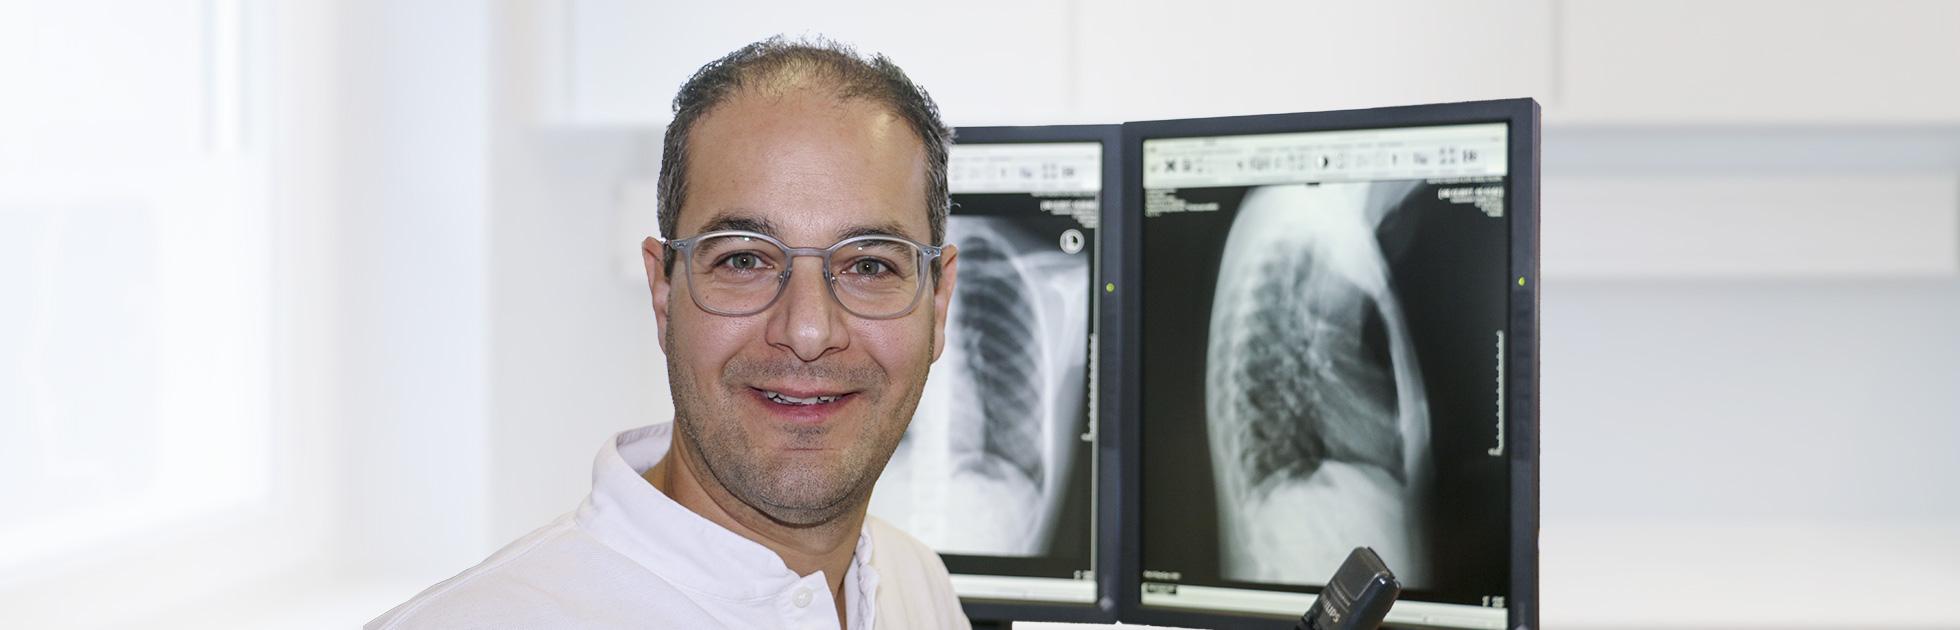 Dr. Hannesschläger &#038;<br />Dr. Al-Kattib - Header